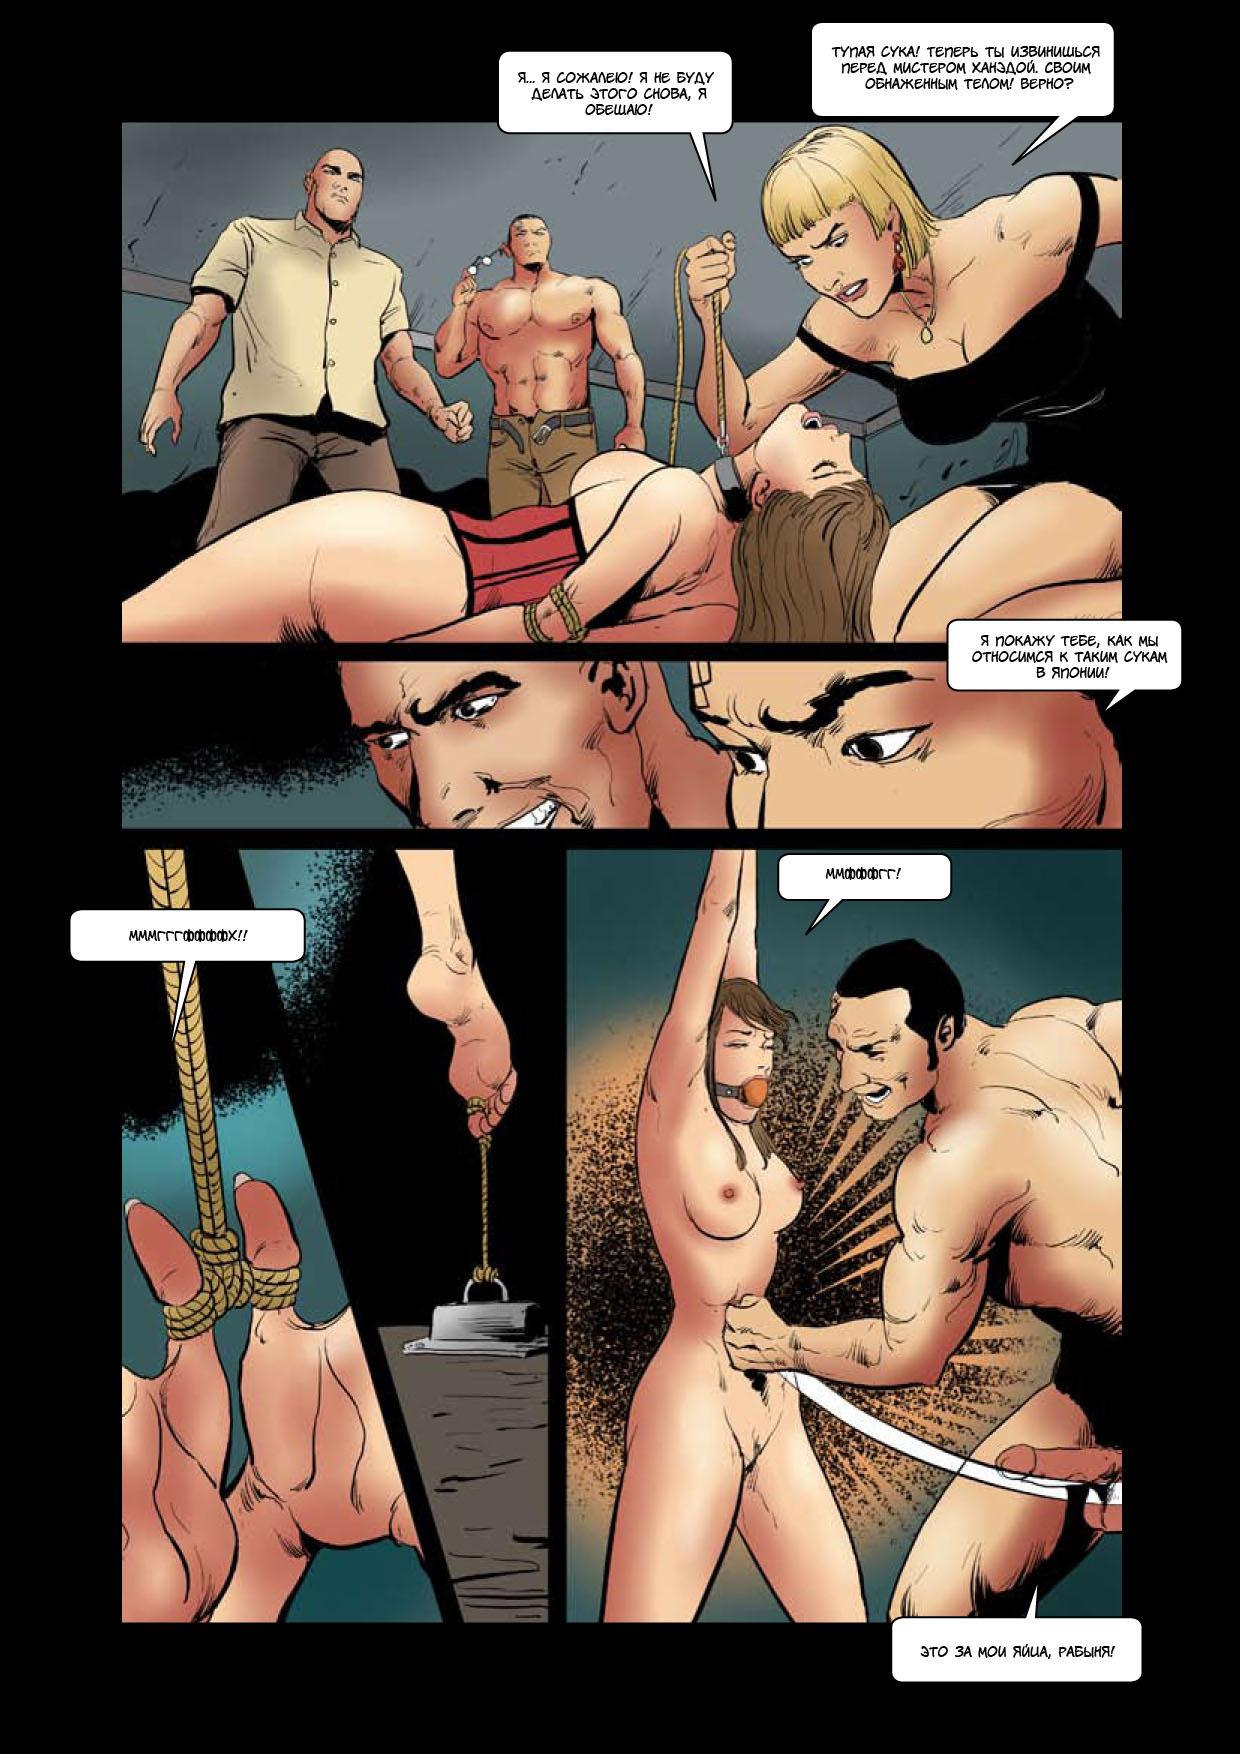 Фанфики секс рабыня